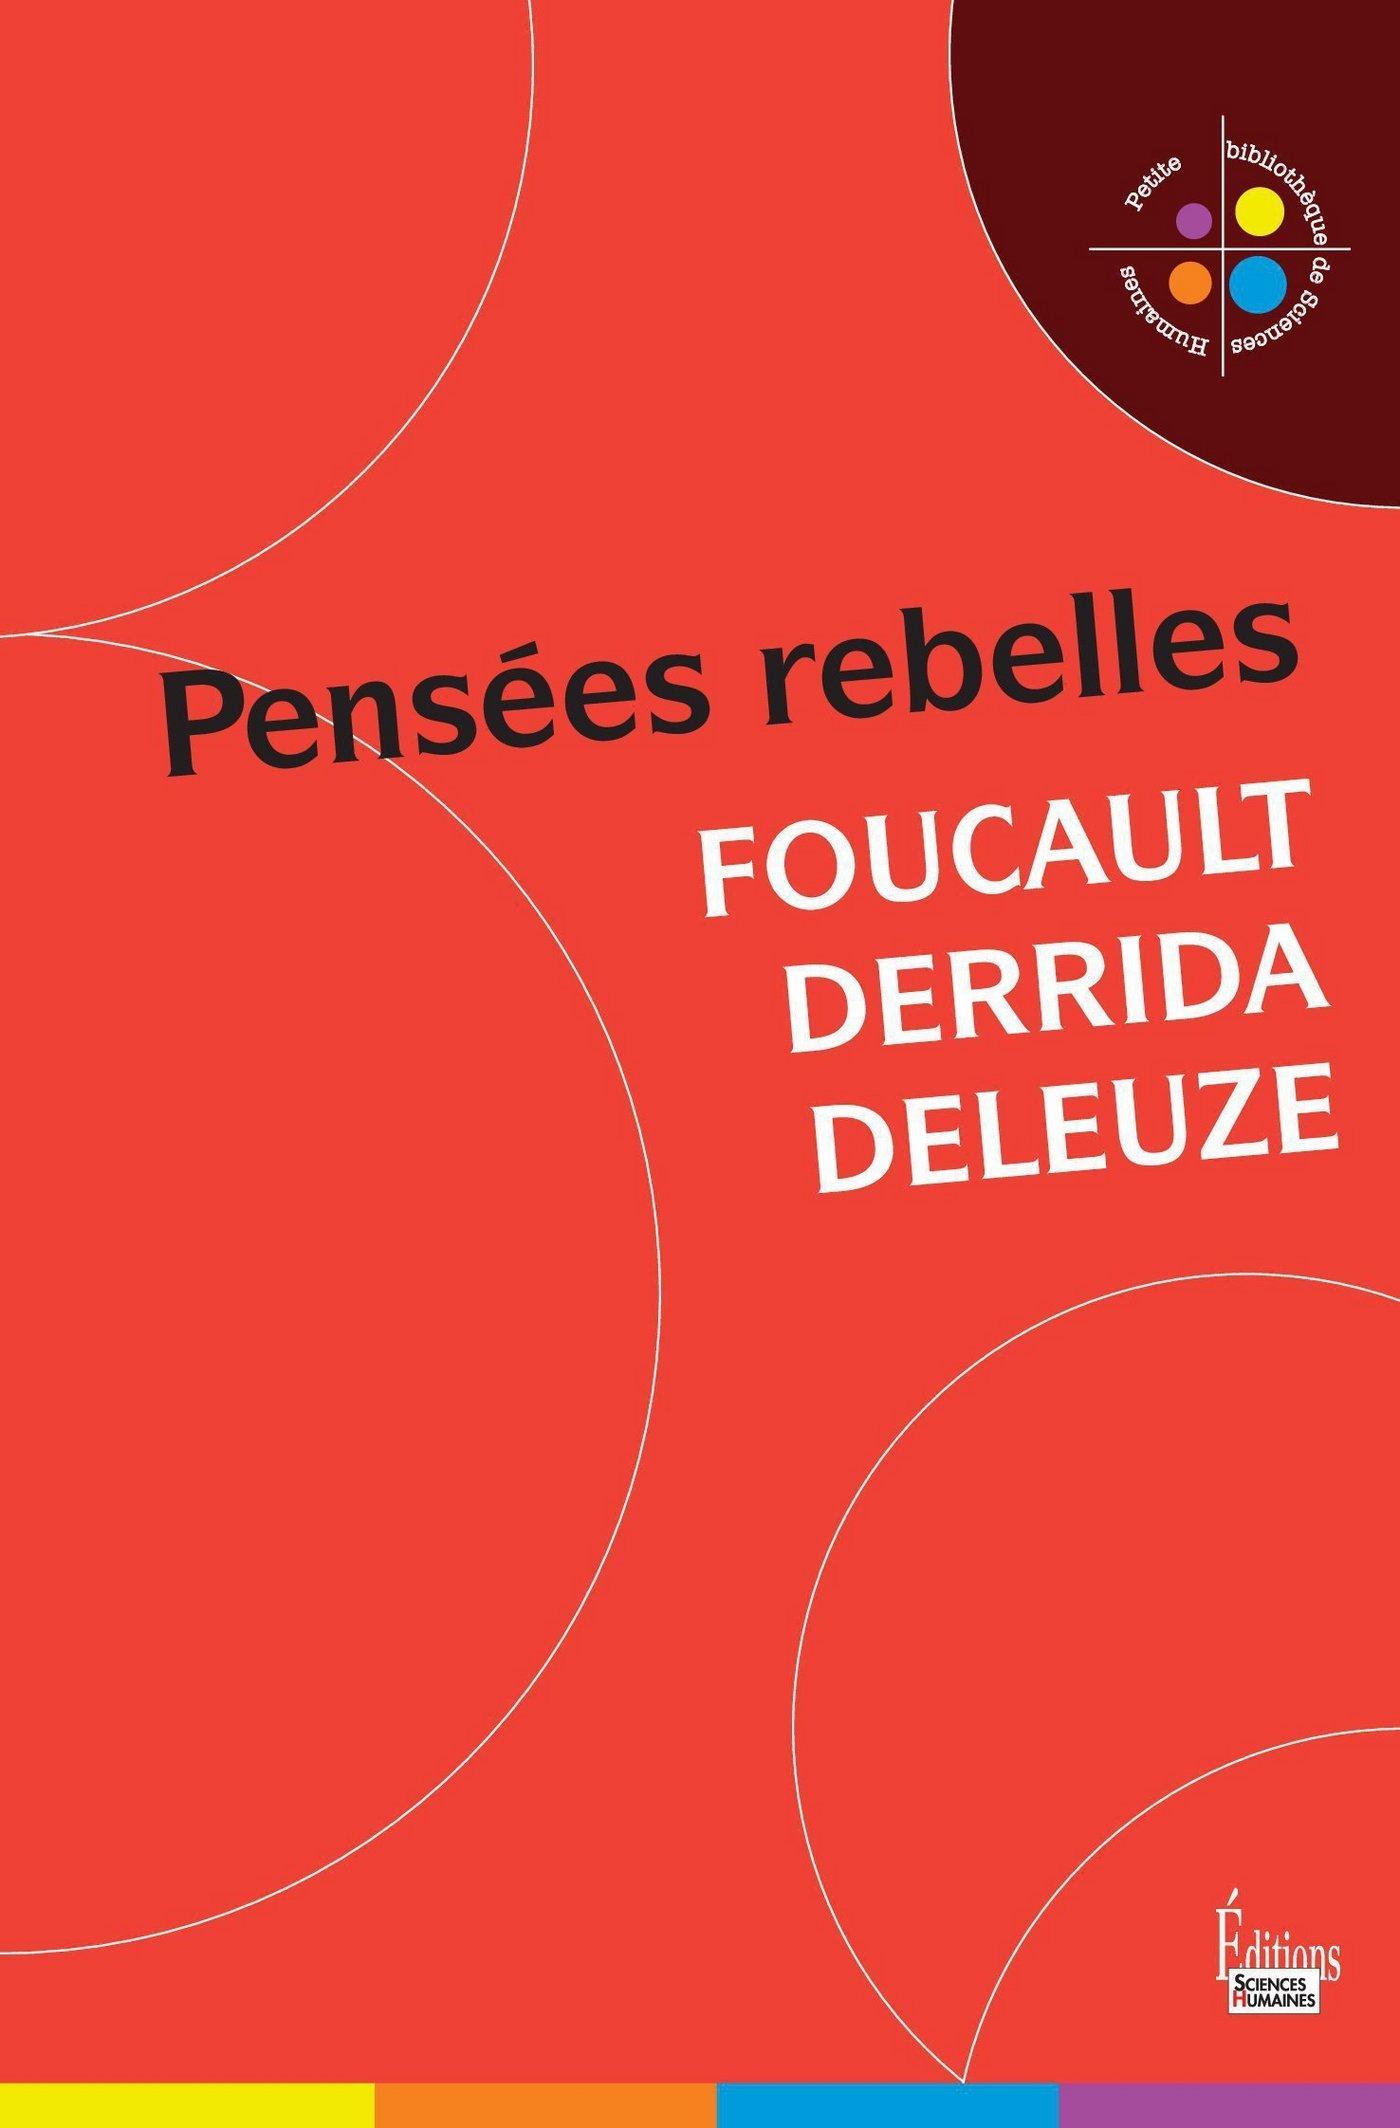 Pensées rebelles